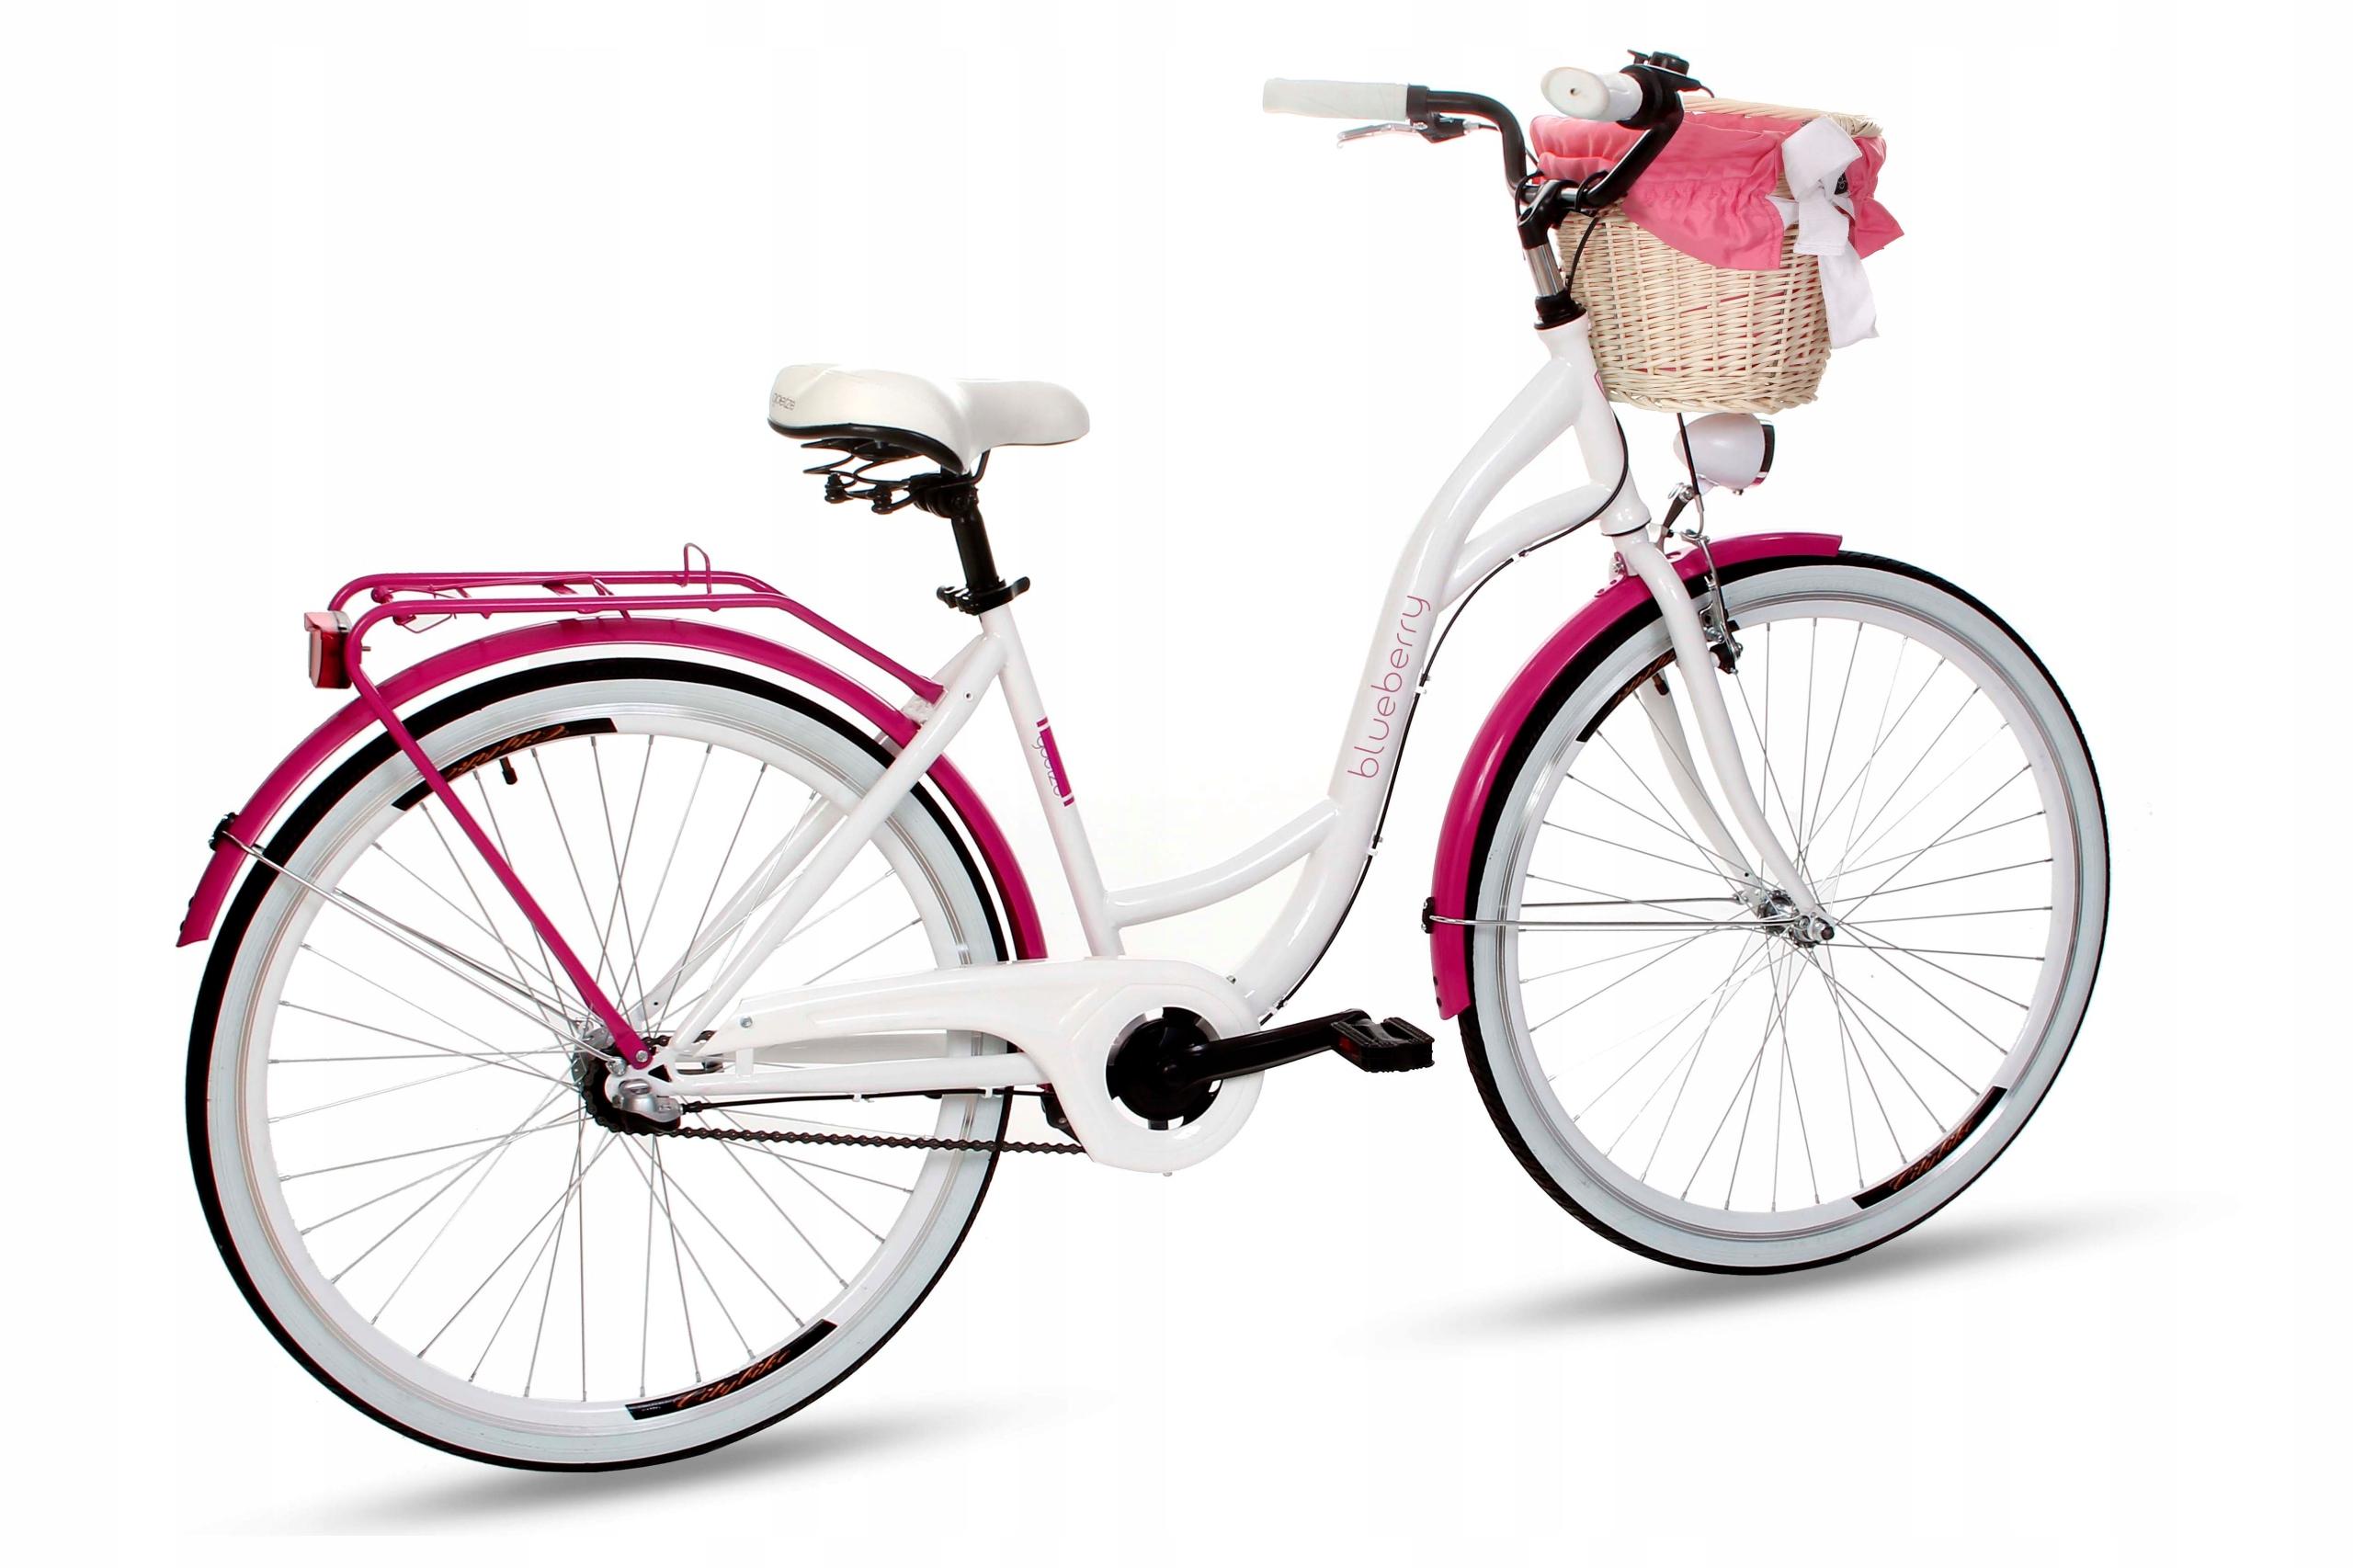 Dámsky mestský bicykel Goetze BLUEBERRY 28 3b košík!  Model Blu283b